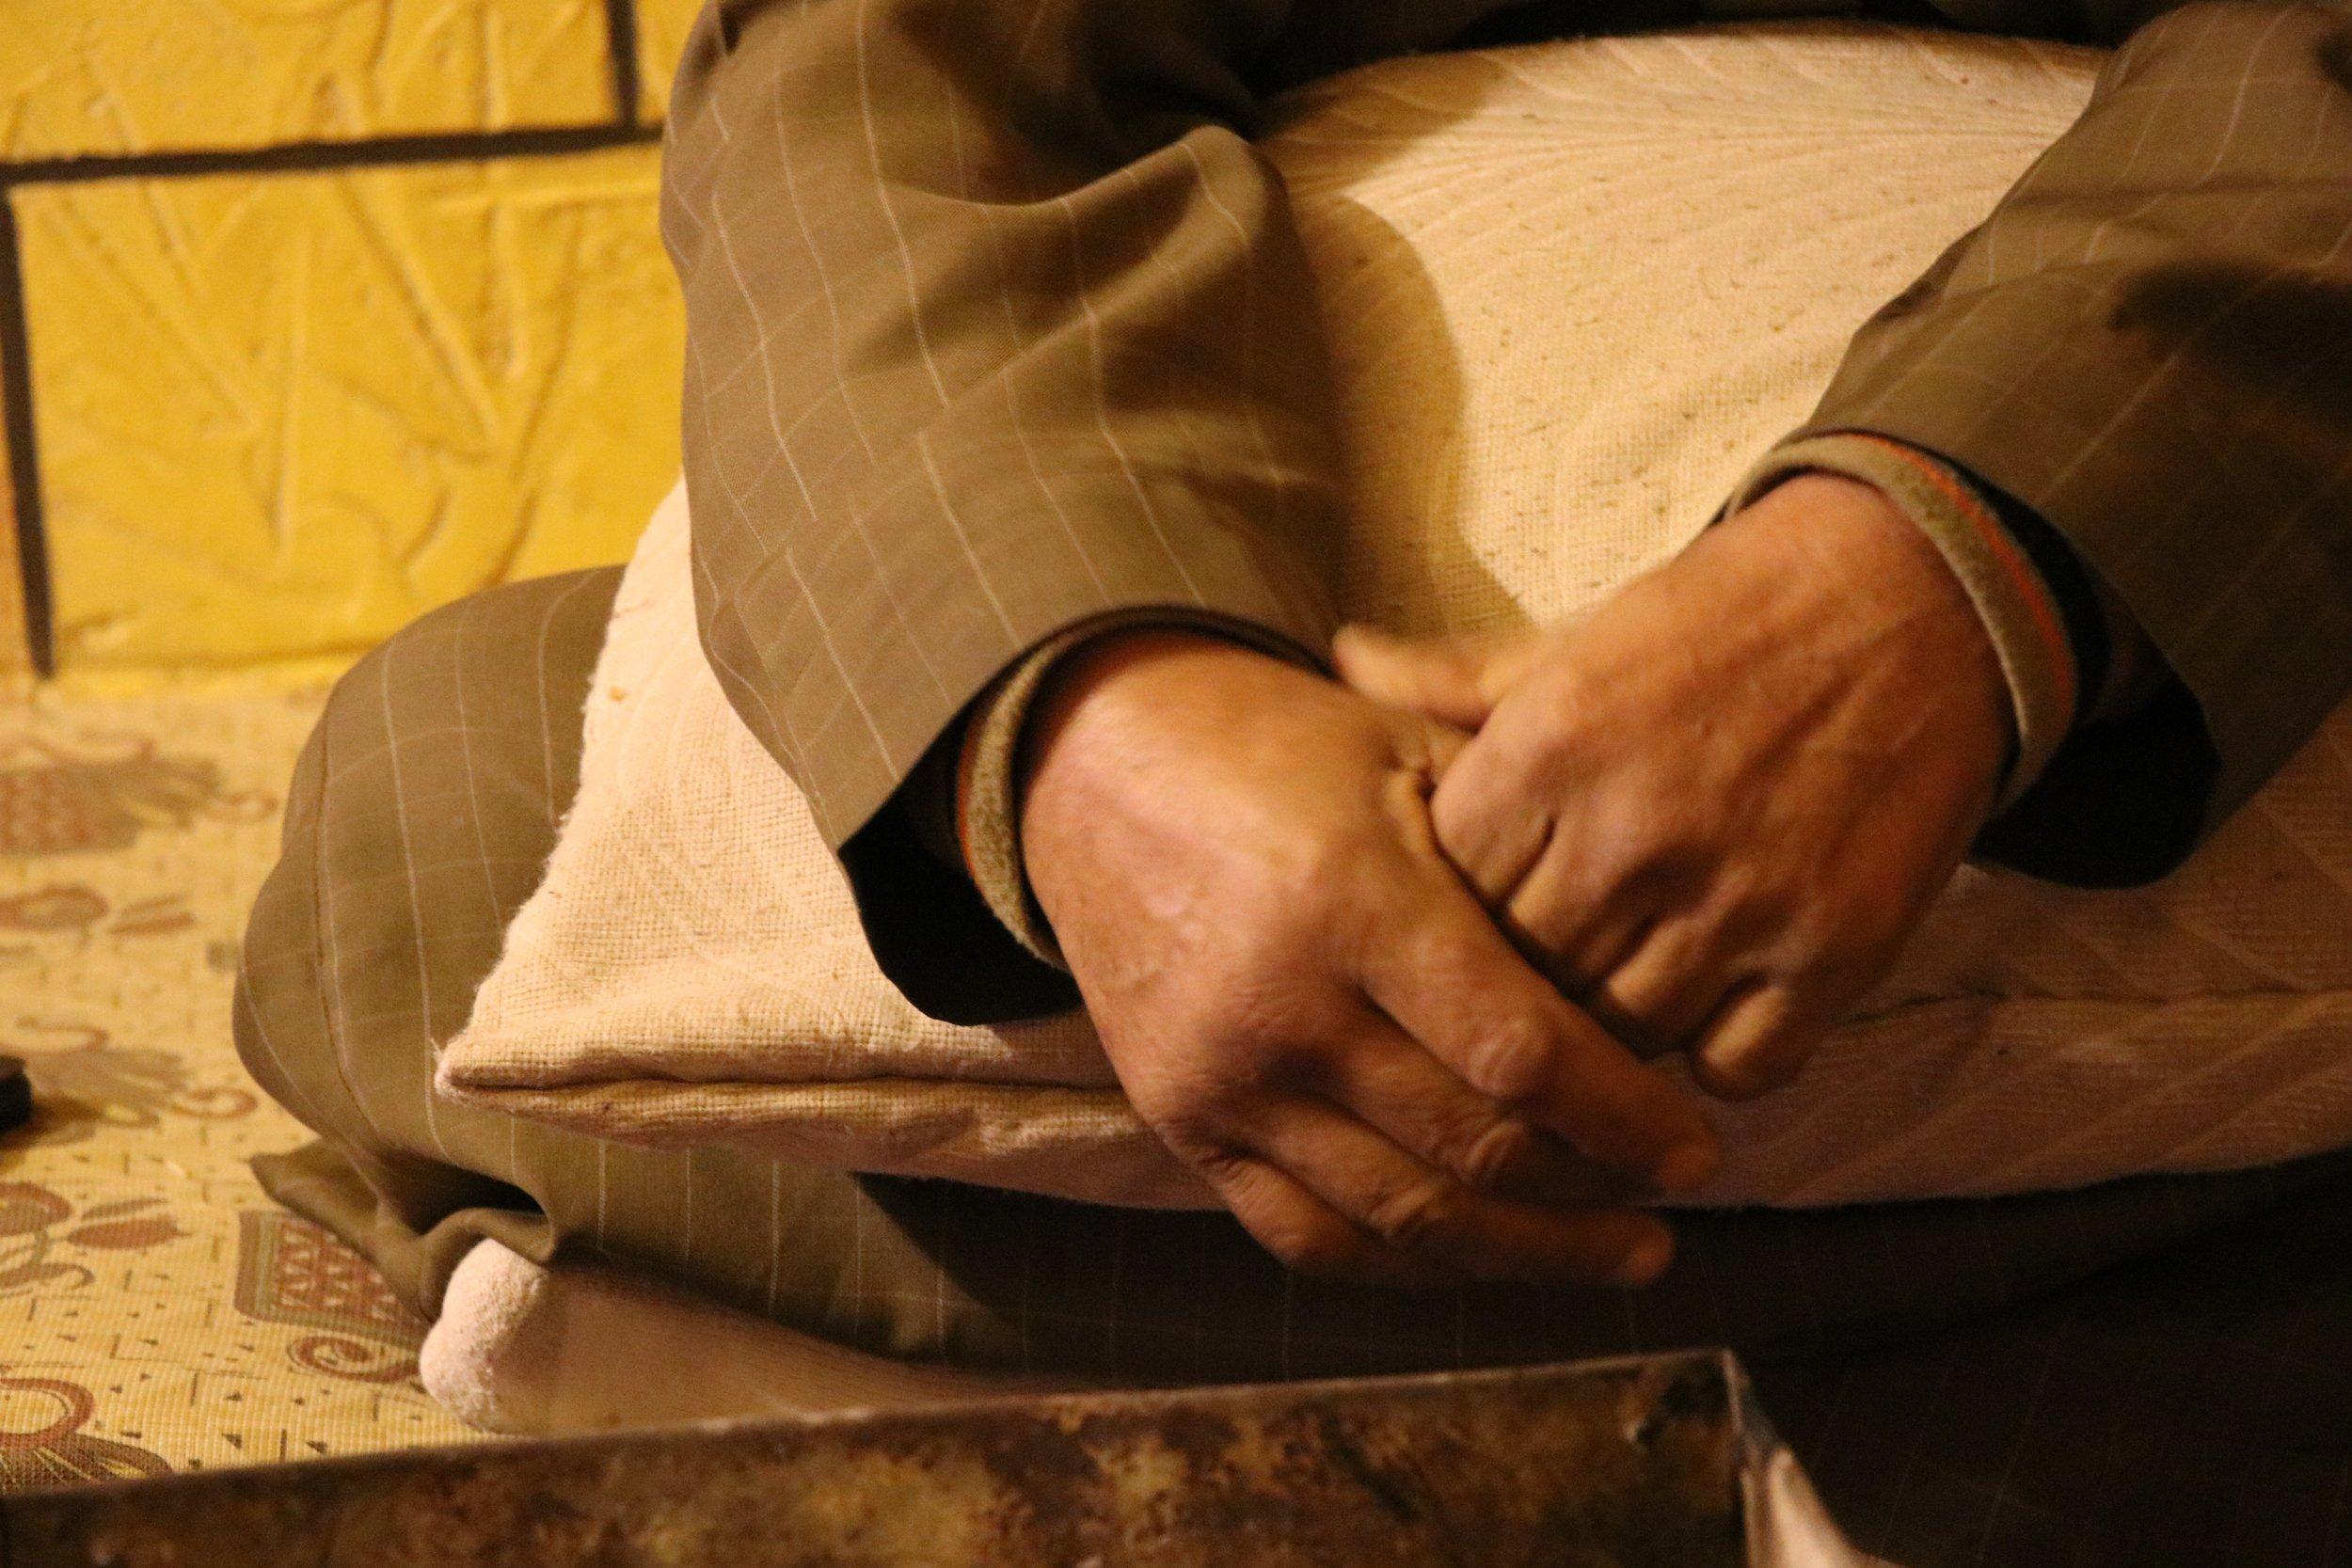 Abu Diab's hands at rest. (c) E. Fiddian-Qasmiyeh. December 2016.]